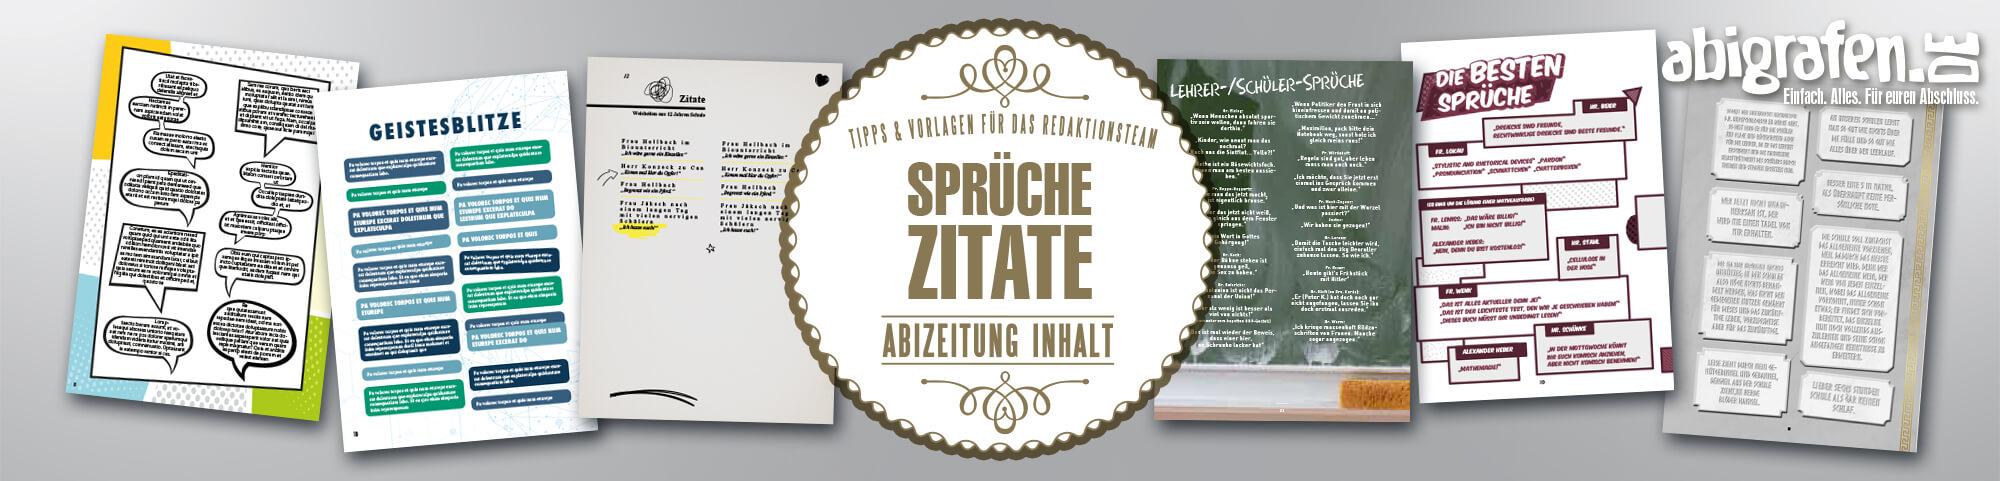 Beispiel-Layout für Zitatesammlung/Sprüchesammlung in Abizeitungen/Abibüchern